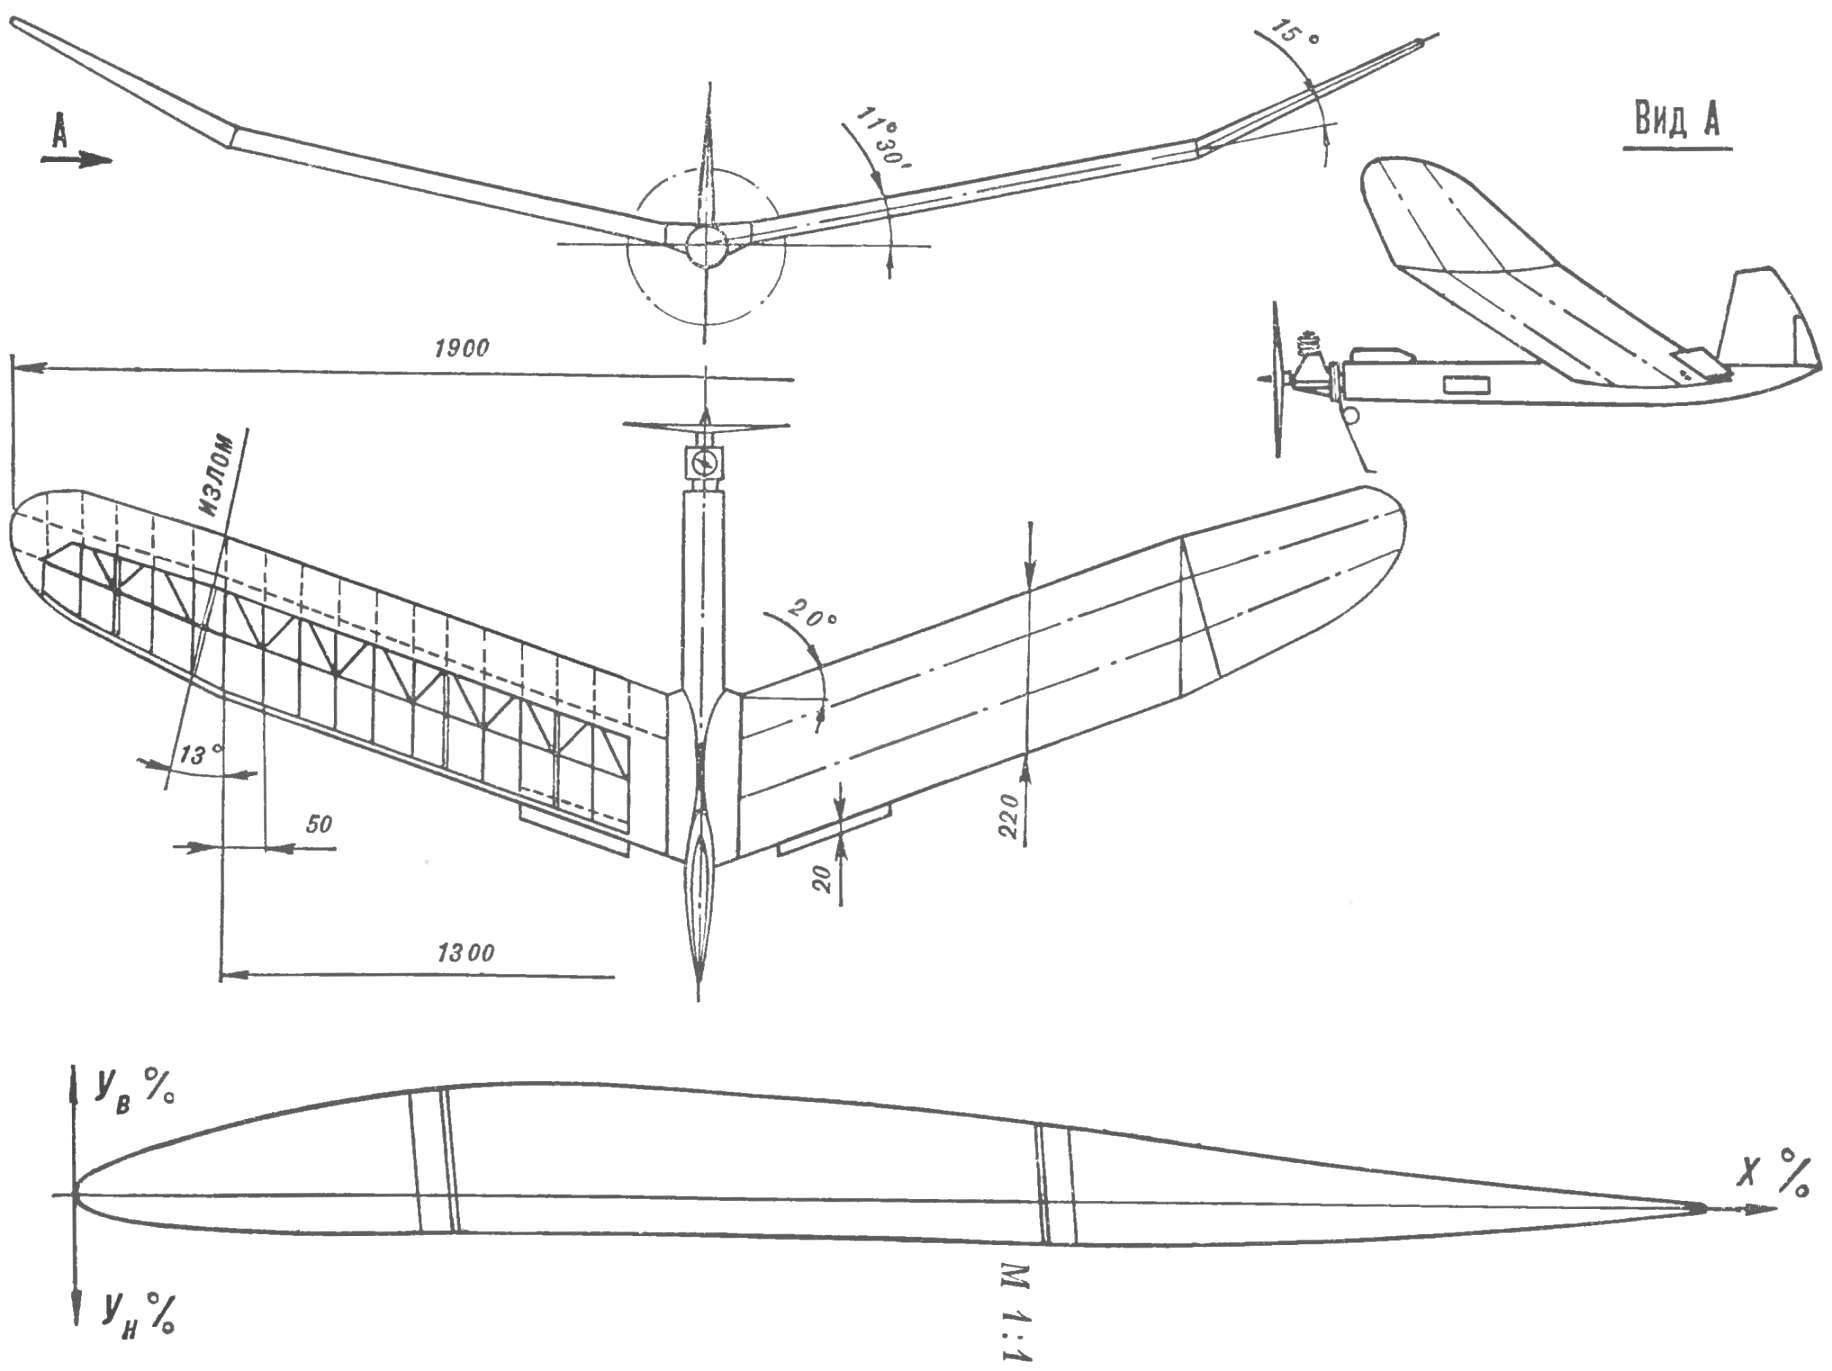 Чертежи модели выполнены по разработкам автора статьи, победителя соревнований «Зксперимент-78» О. ВИШНИЦКОГО (Москва)